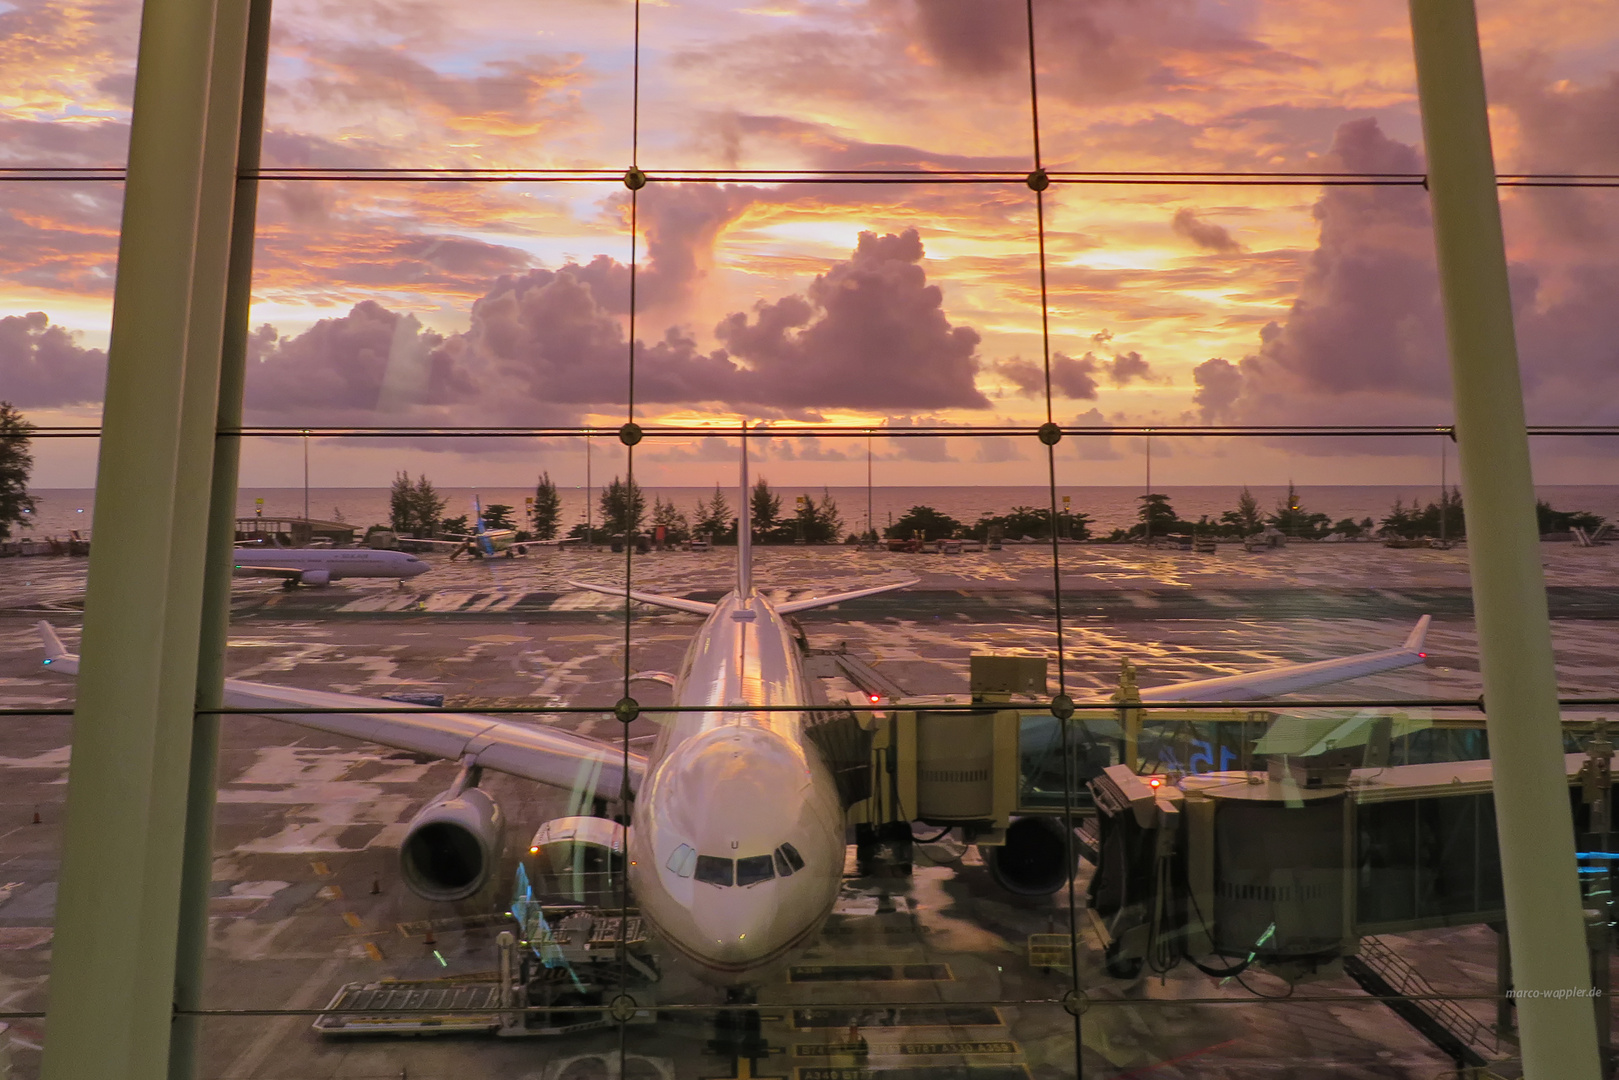 Phuket Intl. Airport